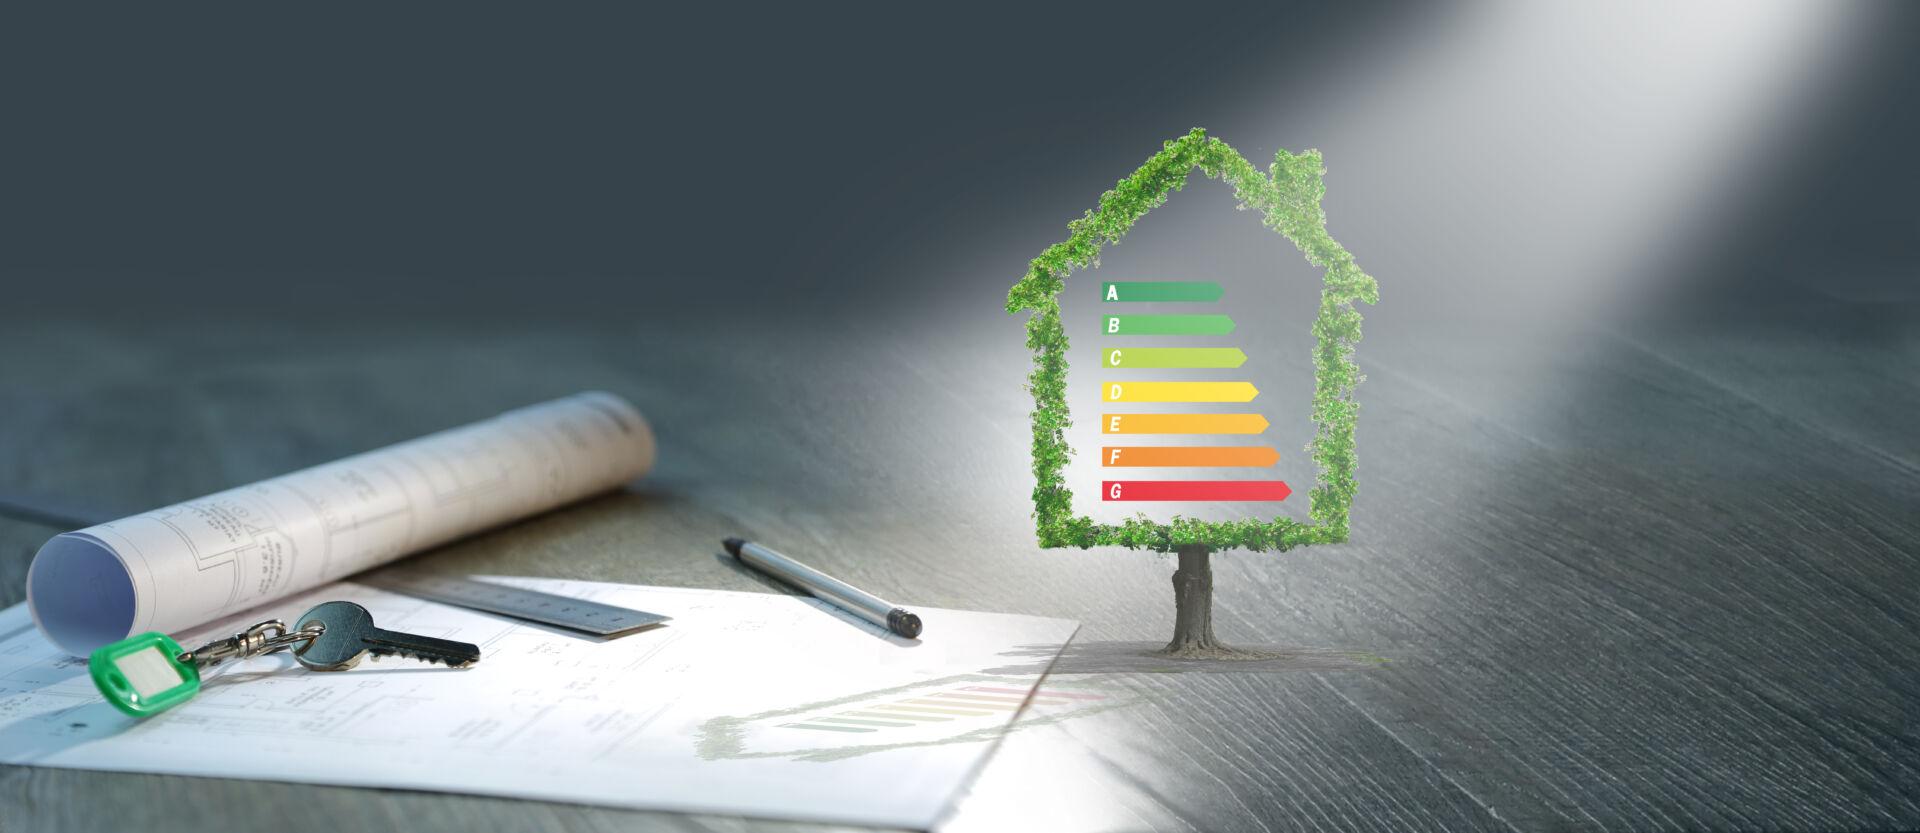 Rénovation énergétique : la FNAIM, l'UNPI et Plurience réclament plus de moyens au gouvernement